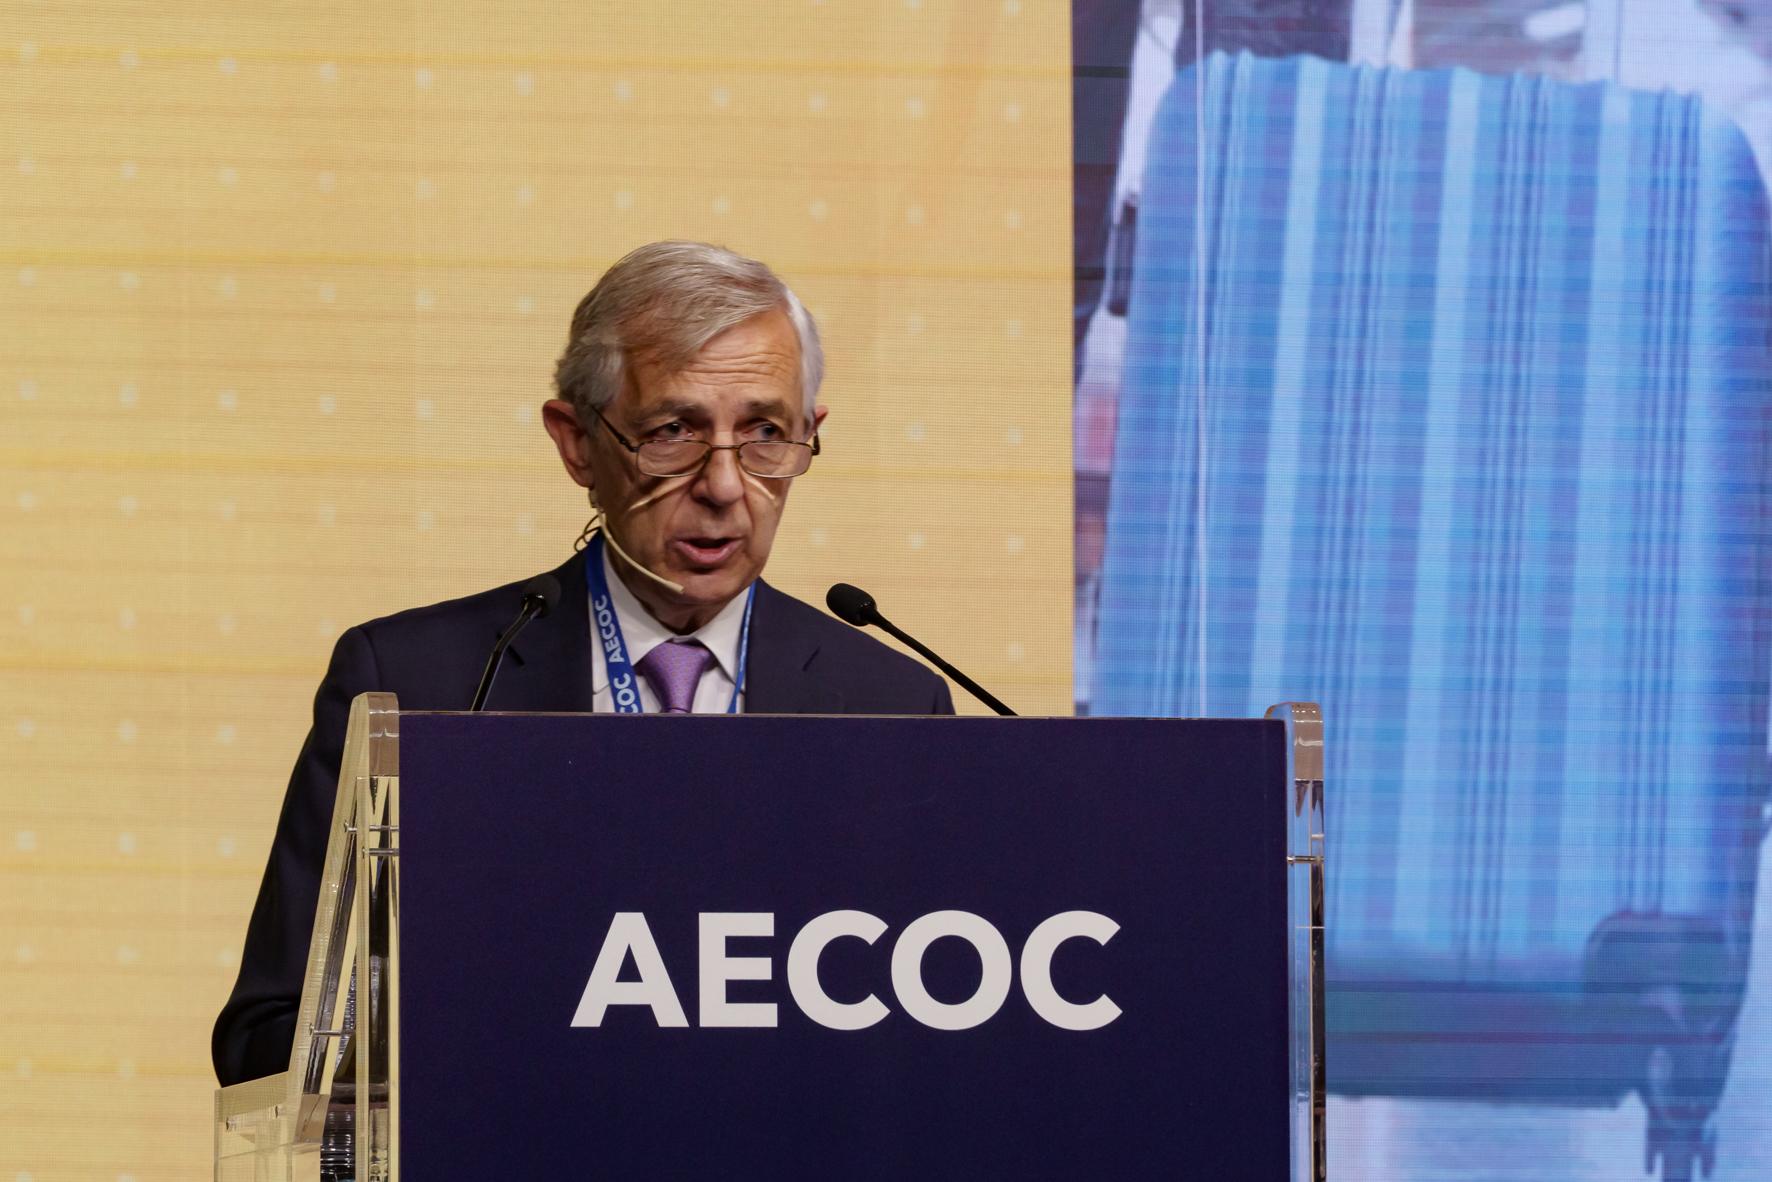 El presidente de AECOC, Javier Campo. EFE